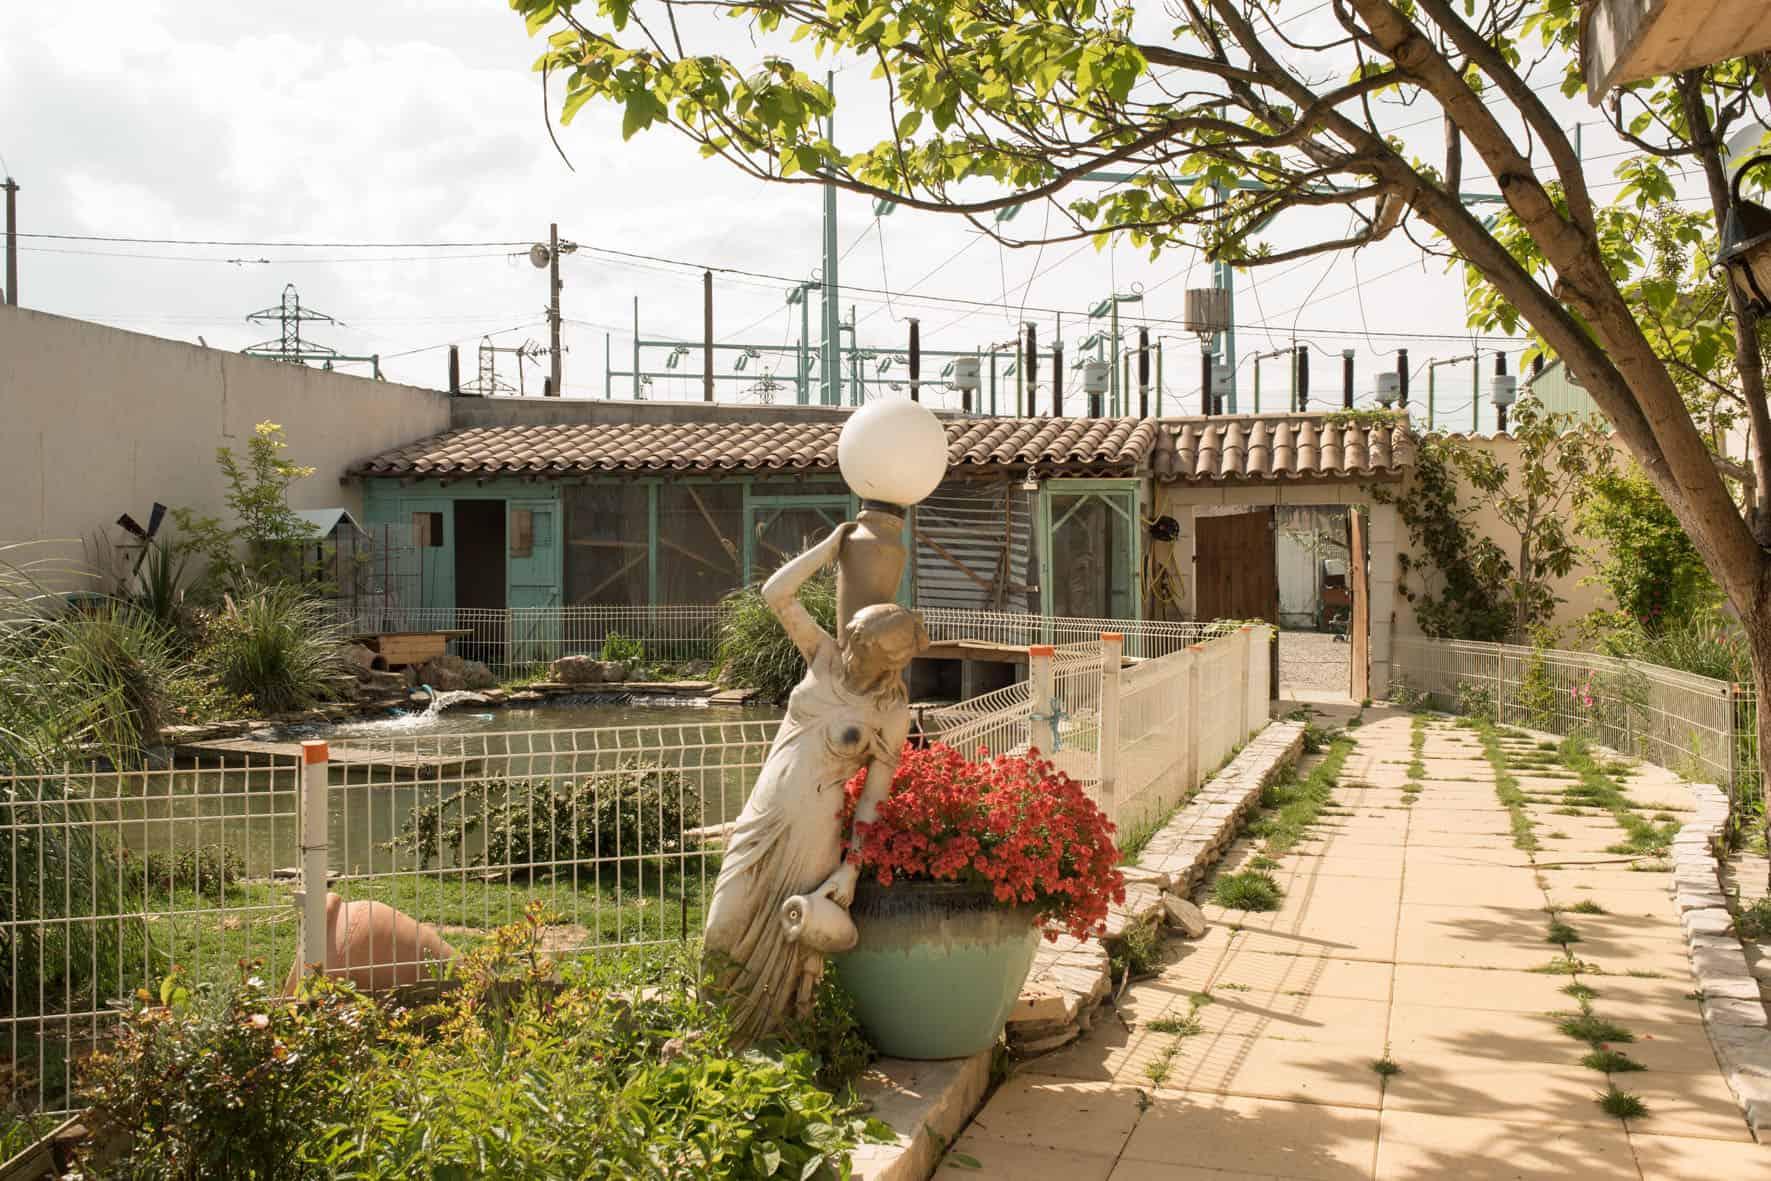 Aménagement paysager dans une cour d'une maison du quartier de l'Esperance